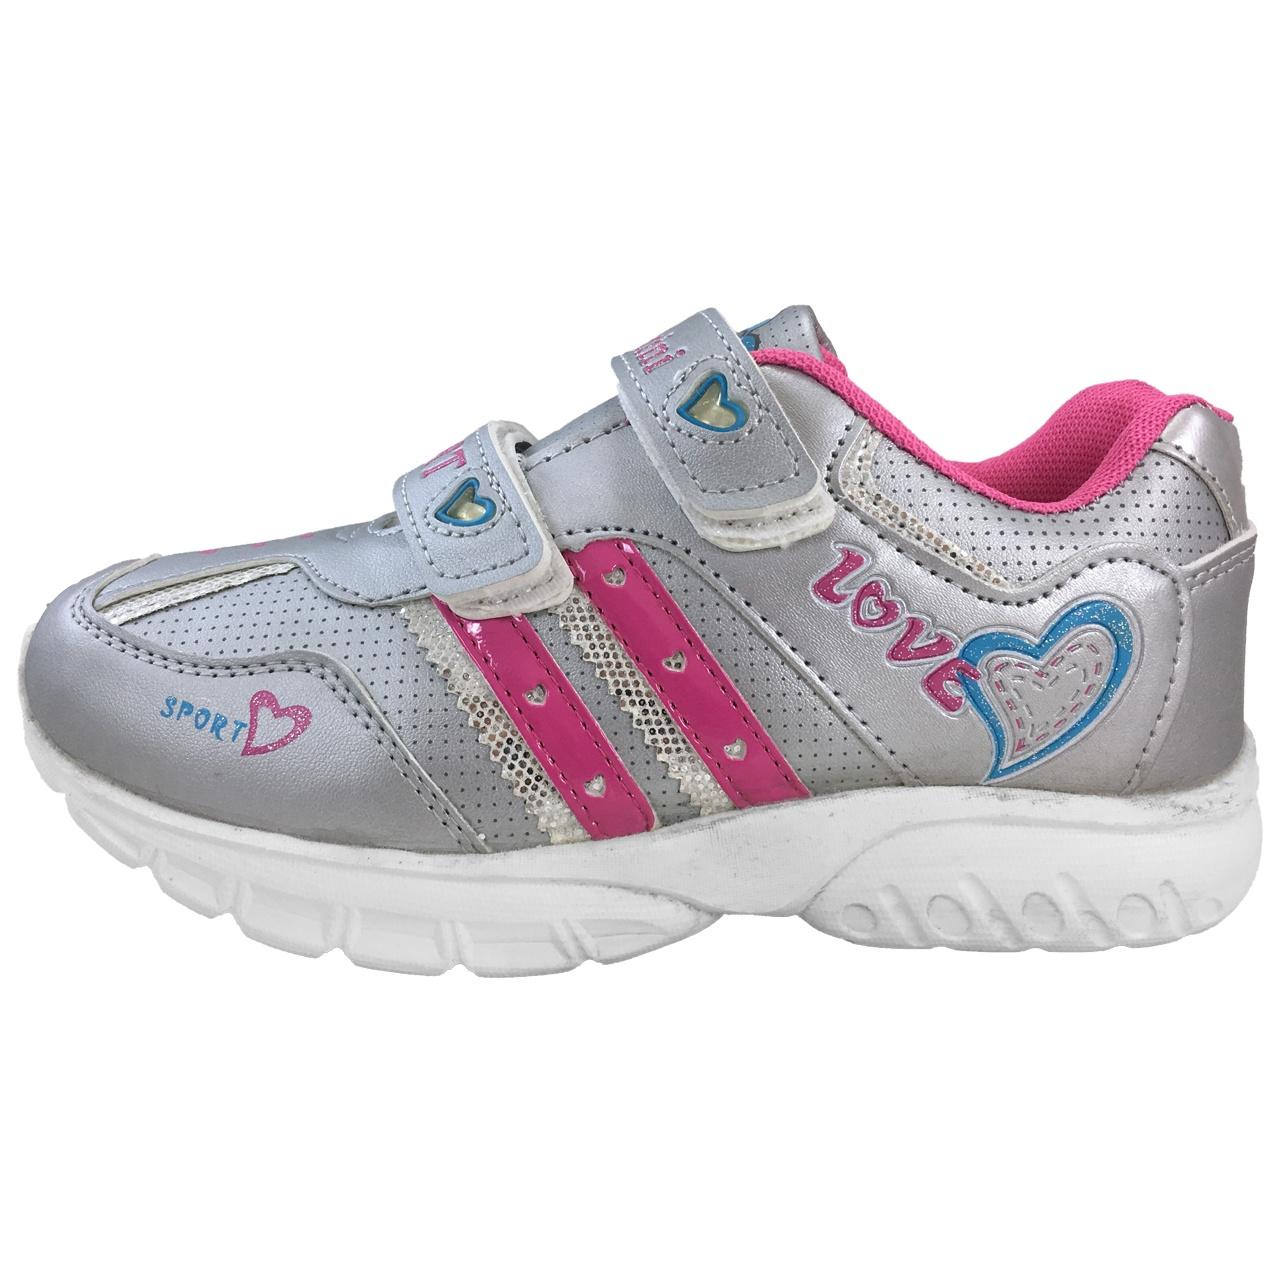 کفش بچگانه آلبرتینی کد 2750